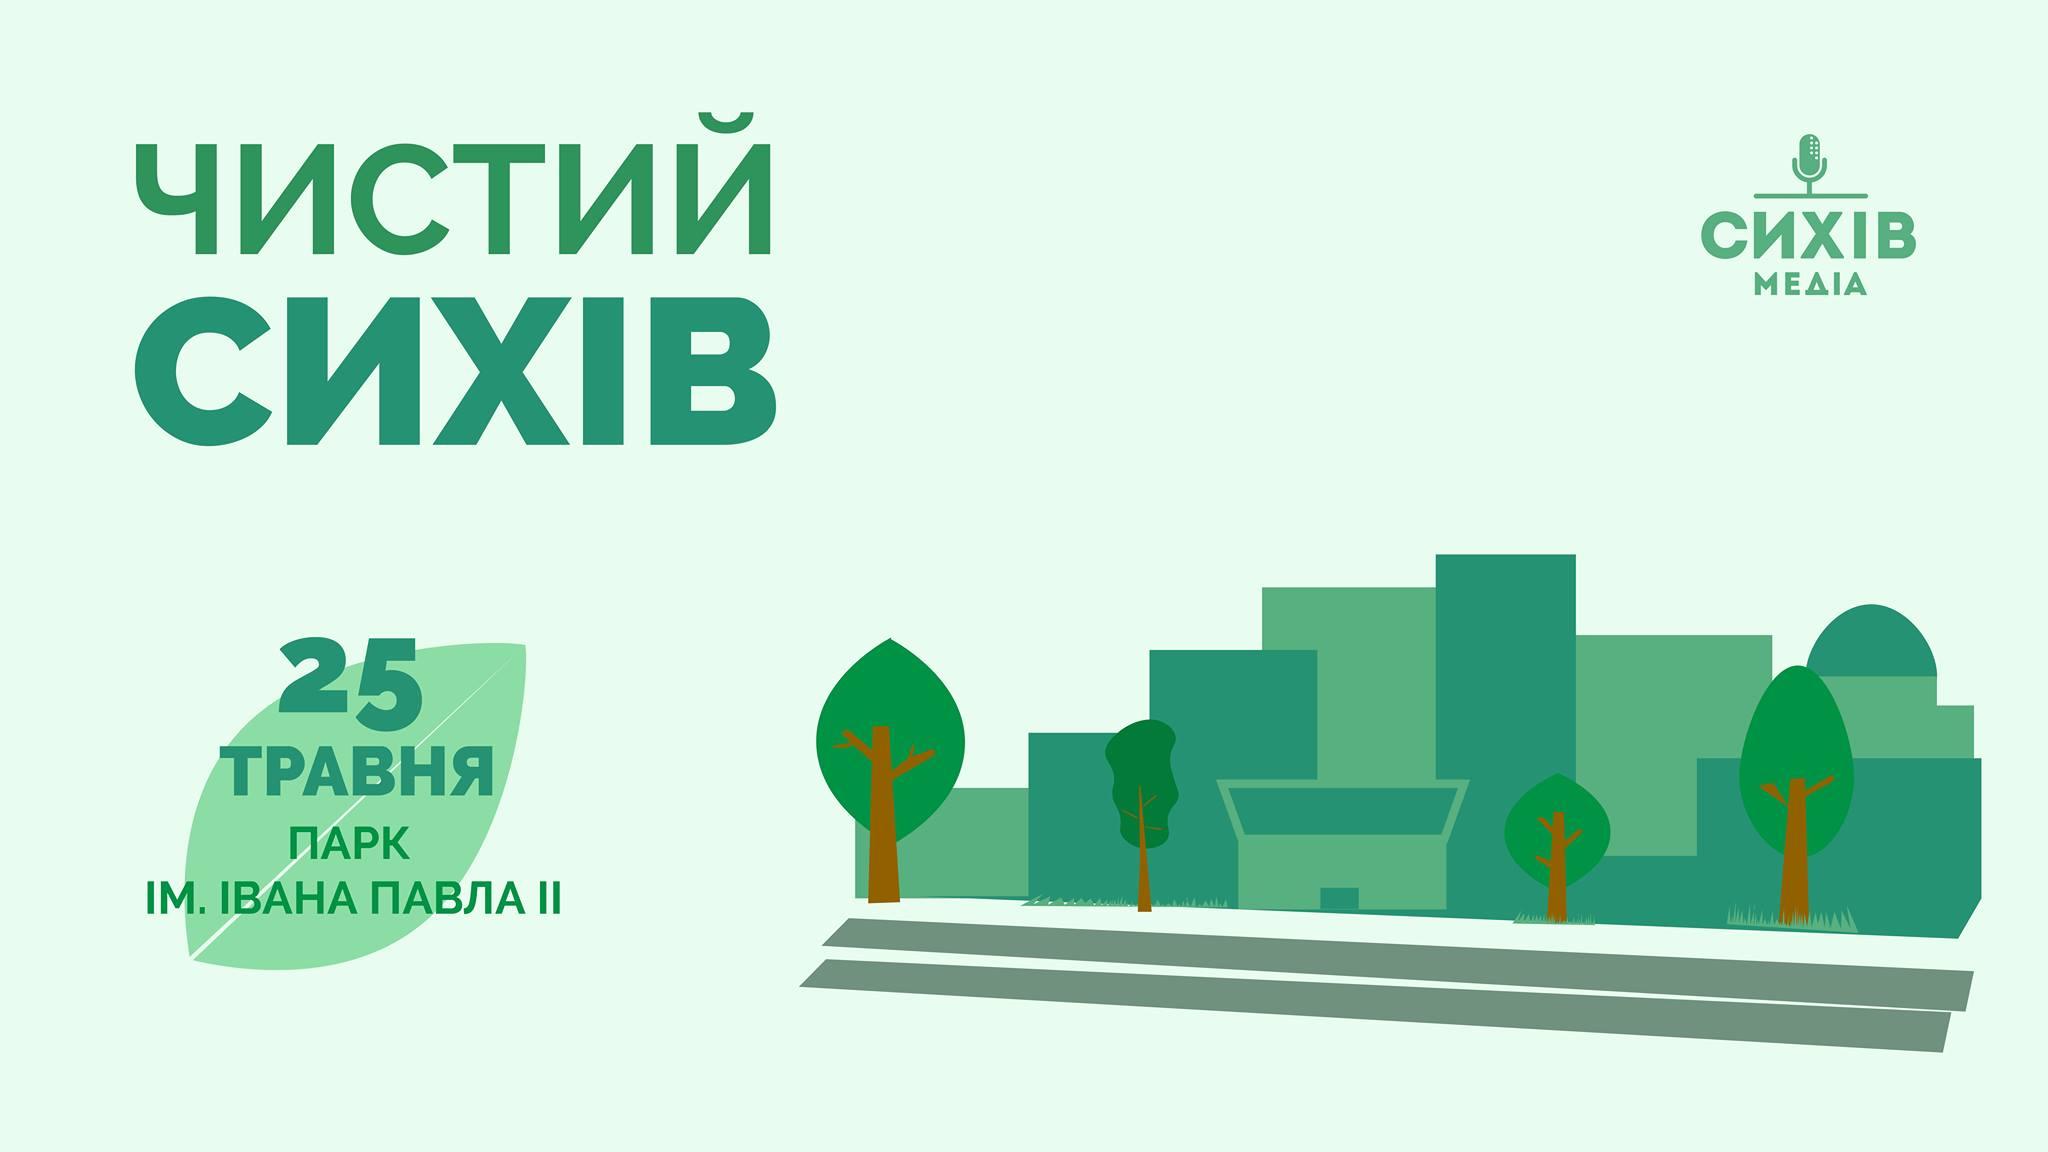 Сихівчан кличуть на прибирання парку Івана Павла ІІ